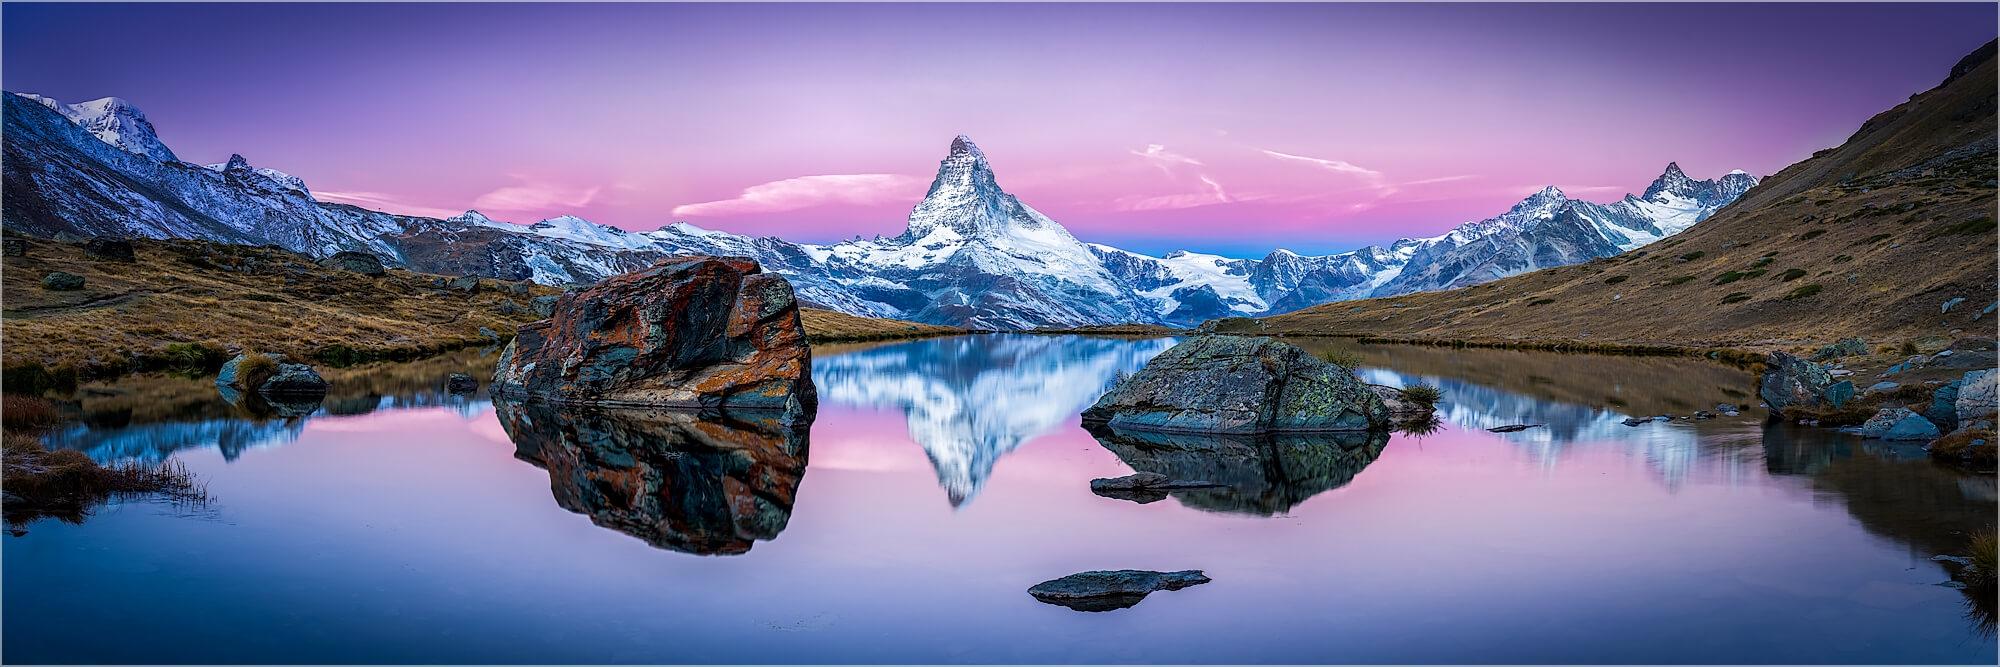 Panoramabild Schweiz Alpen Stellisee am Matterhorn